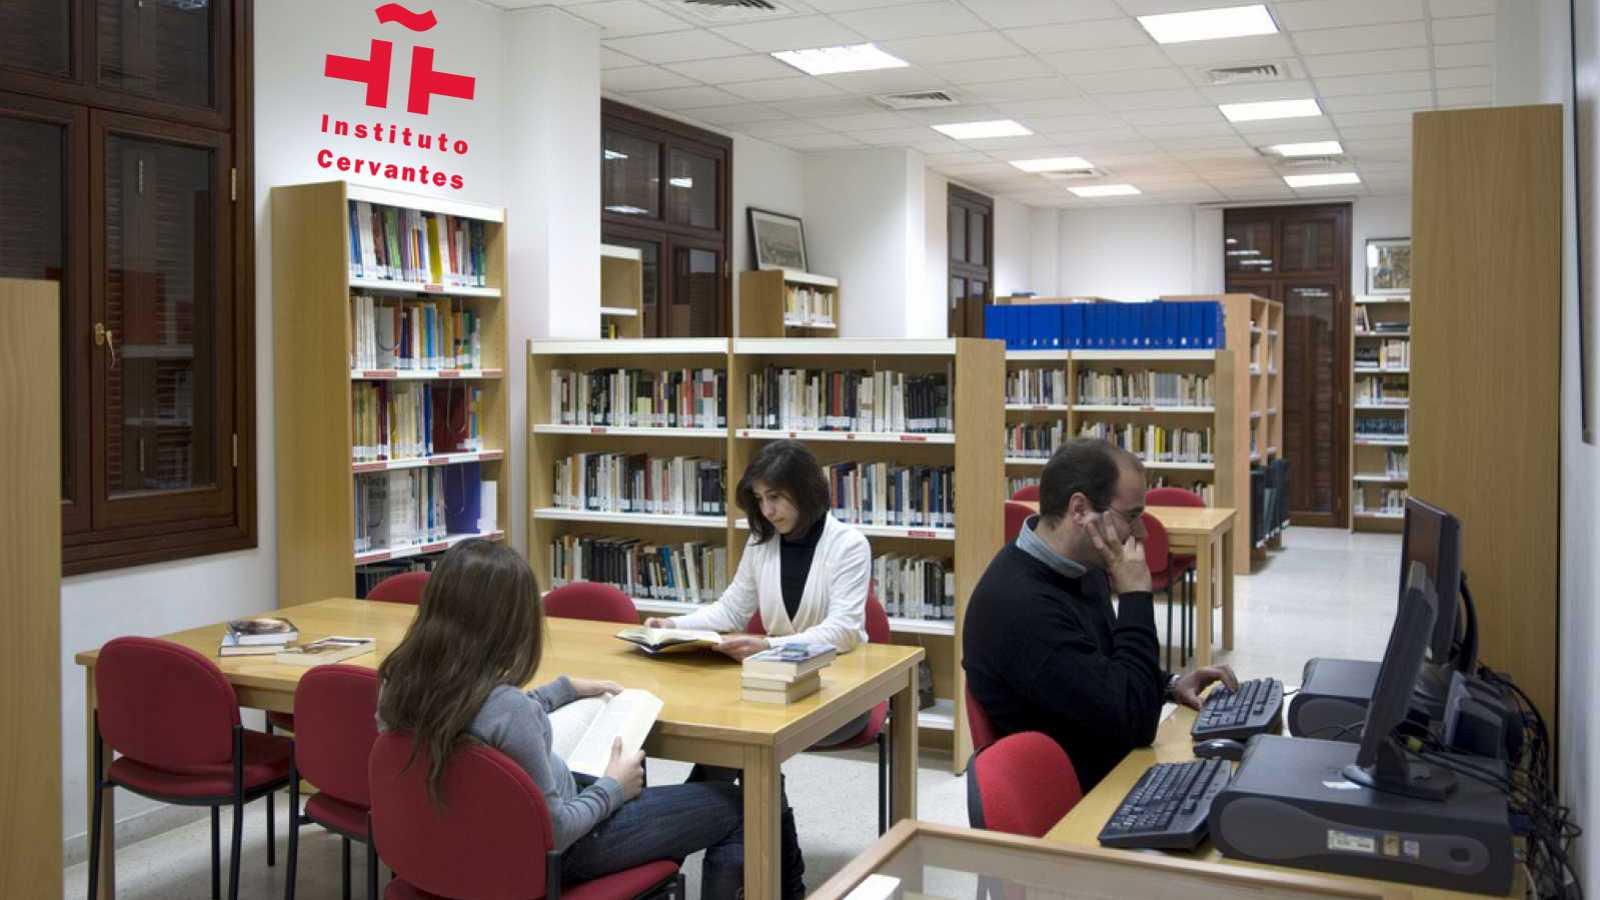 Punto de enlace - El Instituto Cervantes recupera su actividad en Beirut - 30/09/20 - escuchar ahora